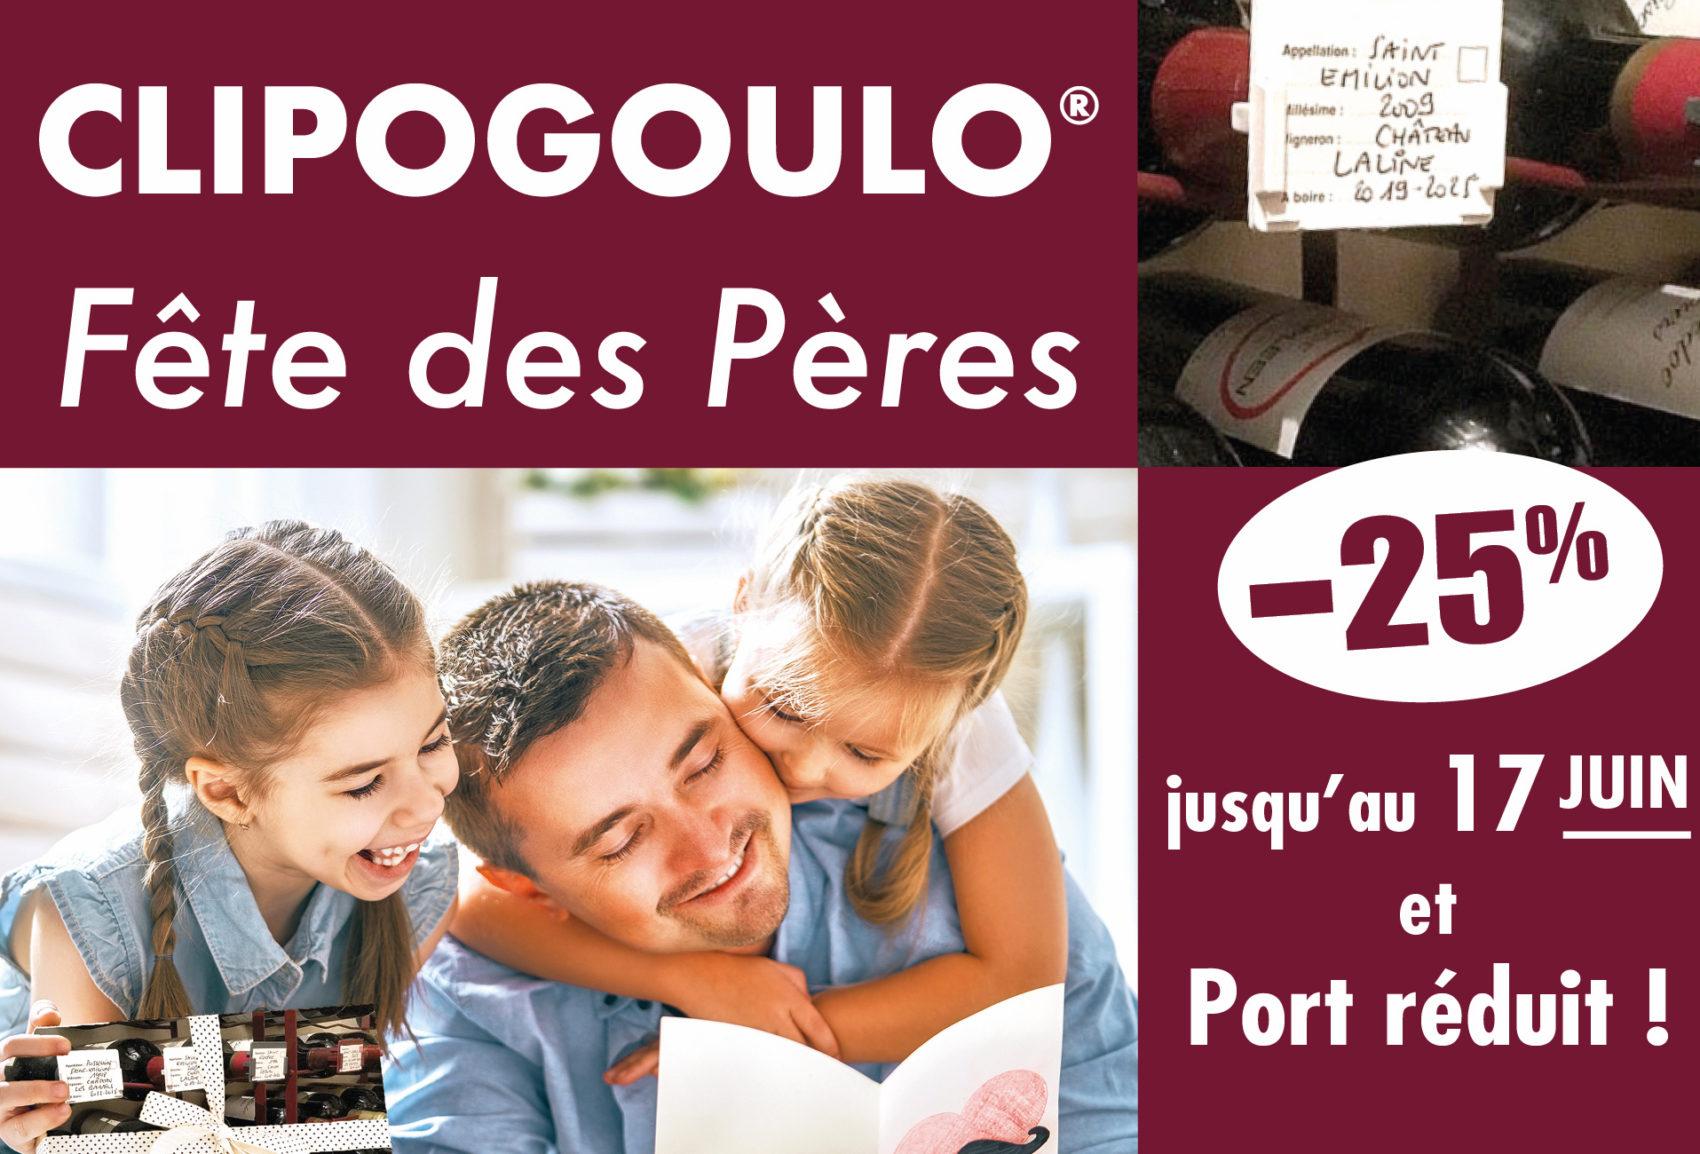 CLIPOGOULO, un cadeau sympa pour fêter Maman et Papa  !